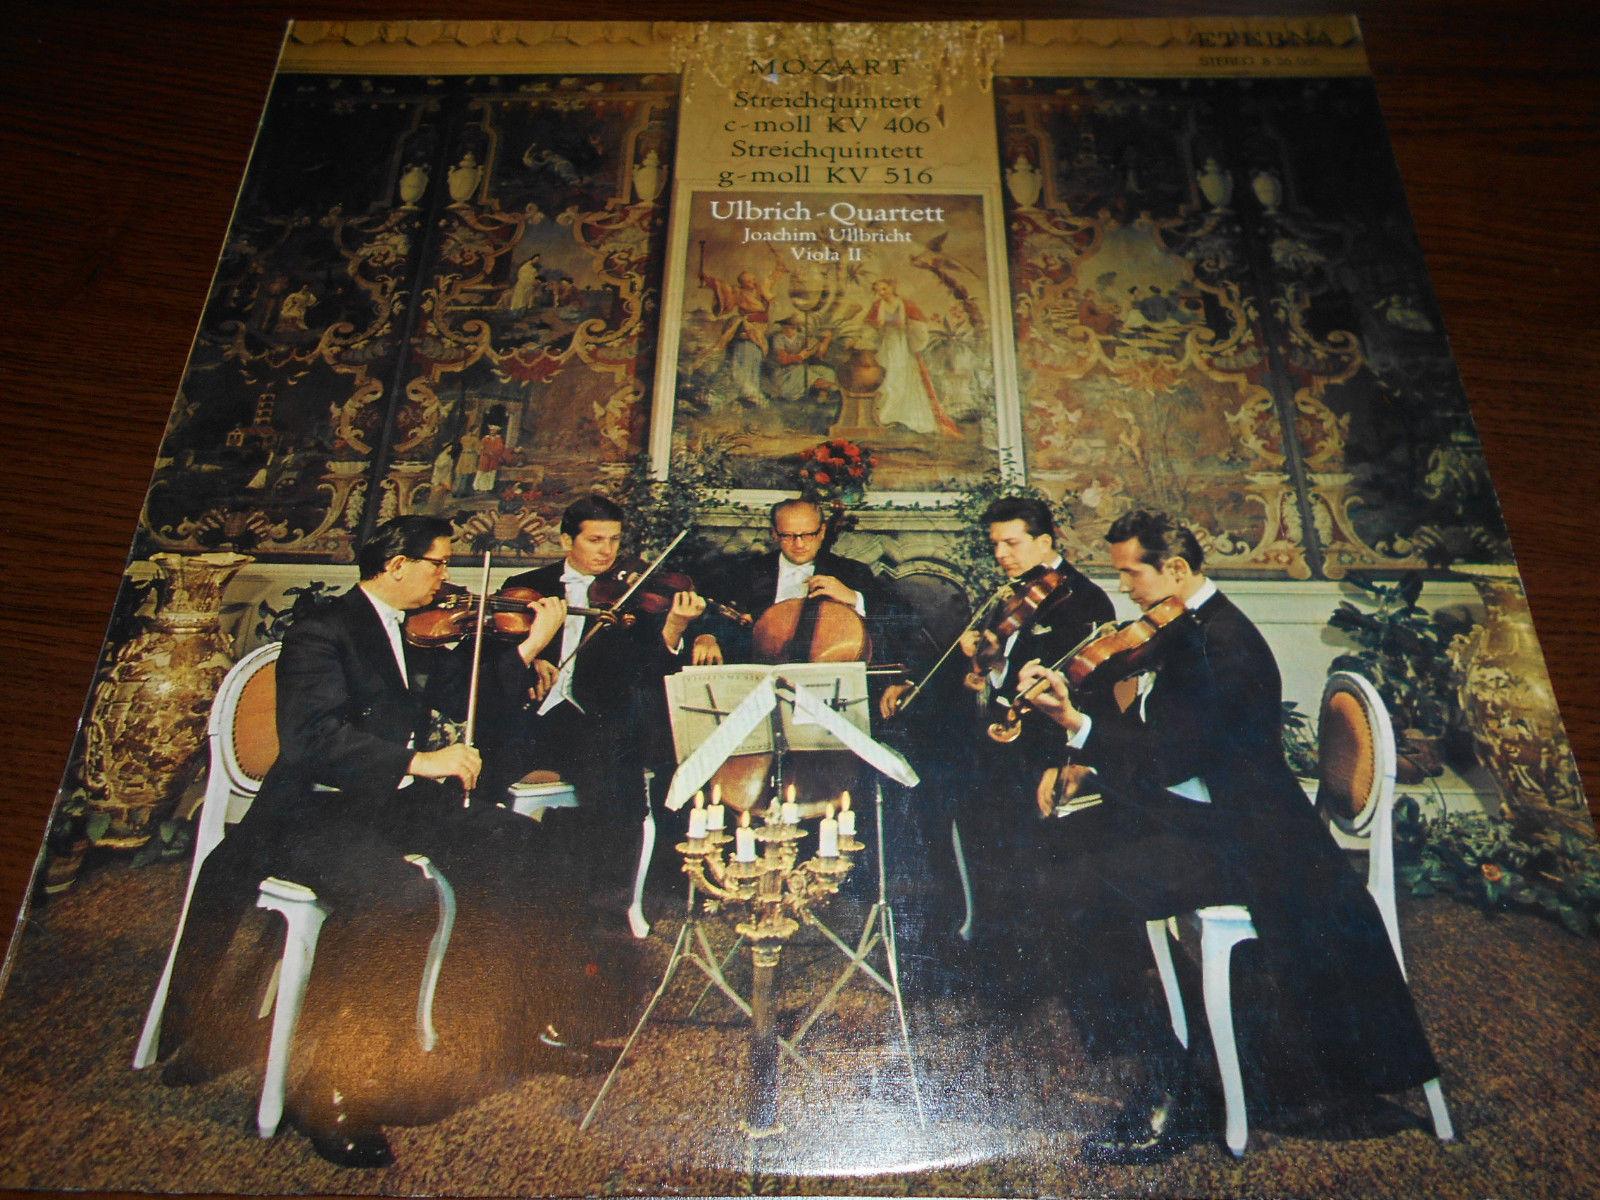 Ulbrich-Quartett - MOZART - Streichquintette c-moll g-moll LP 826068 ETERNA NM